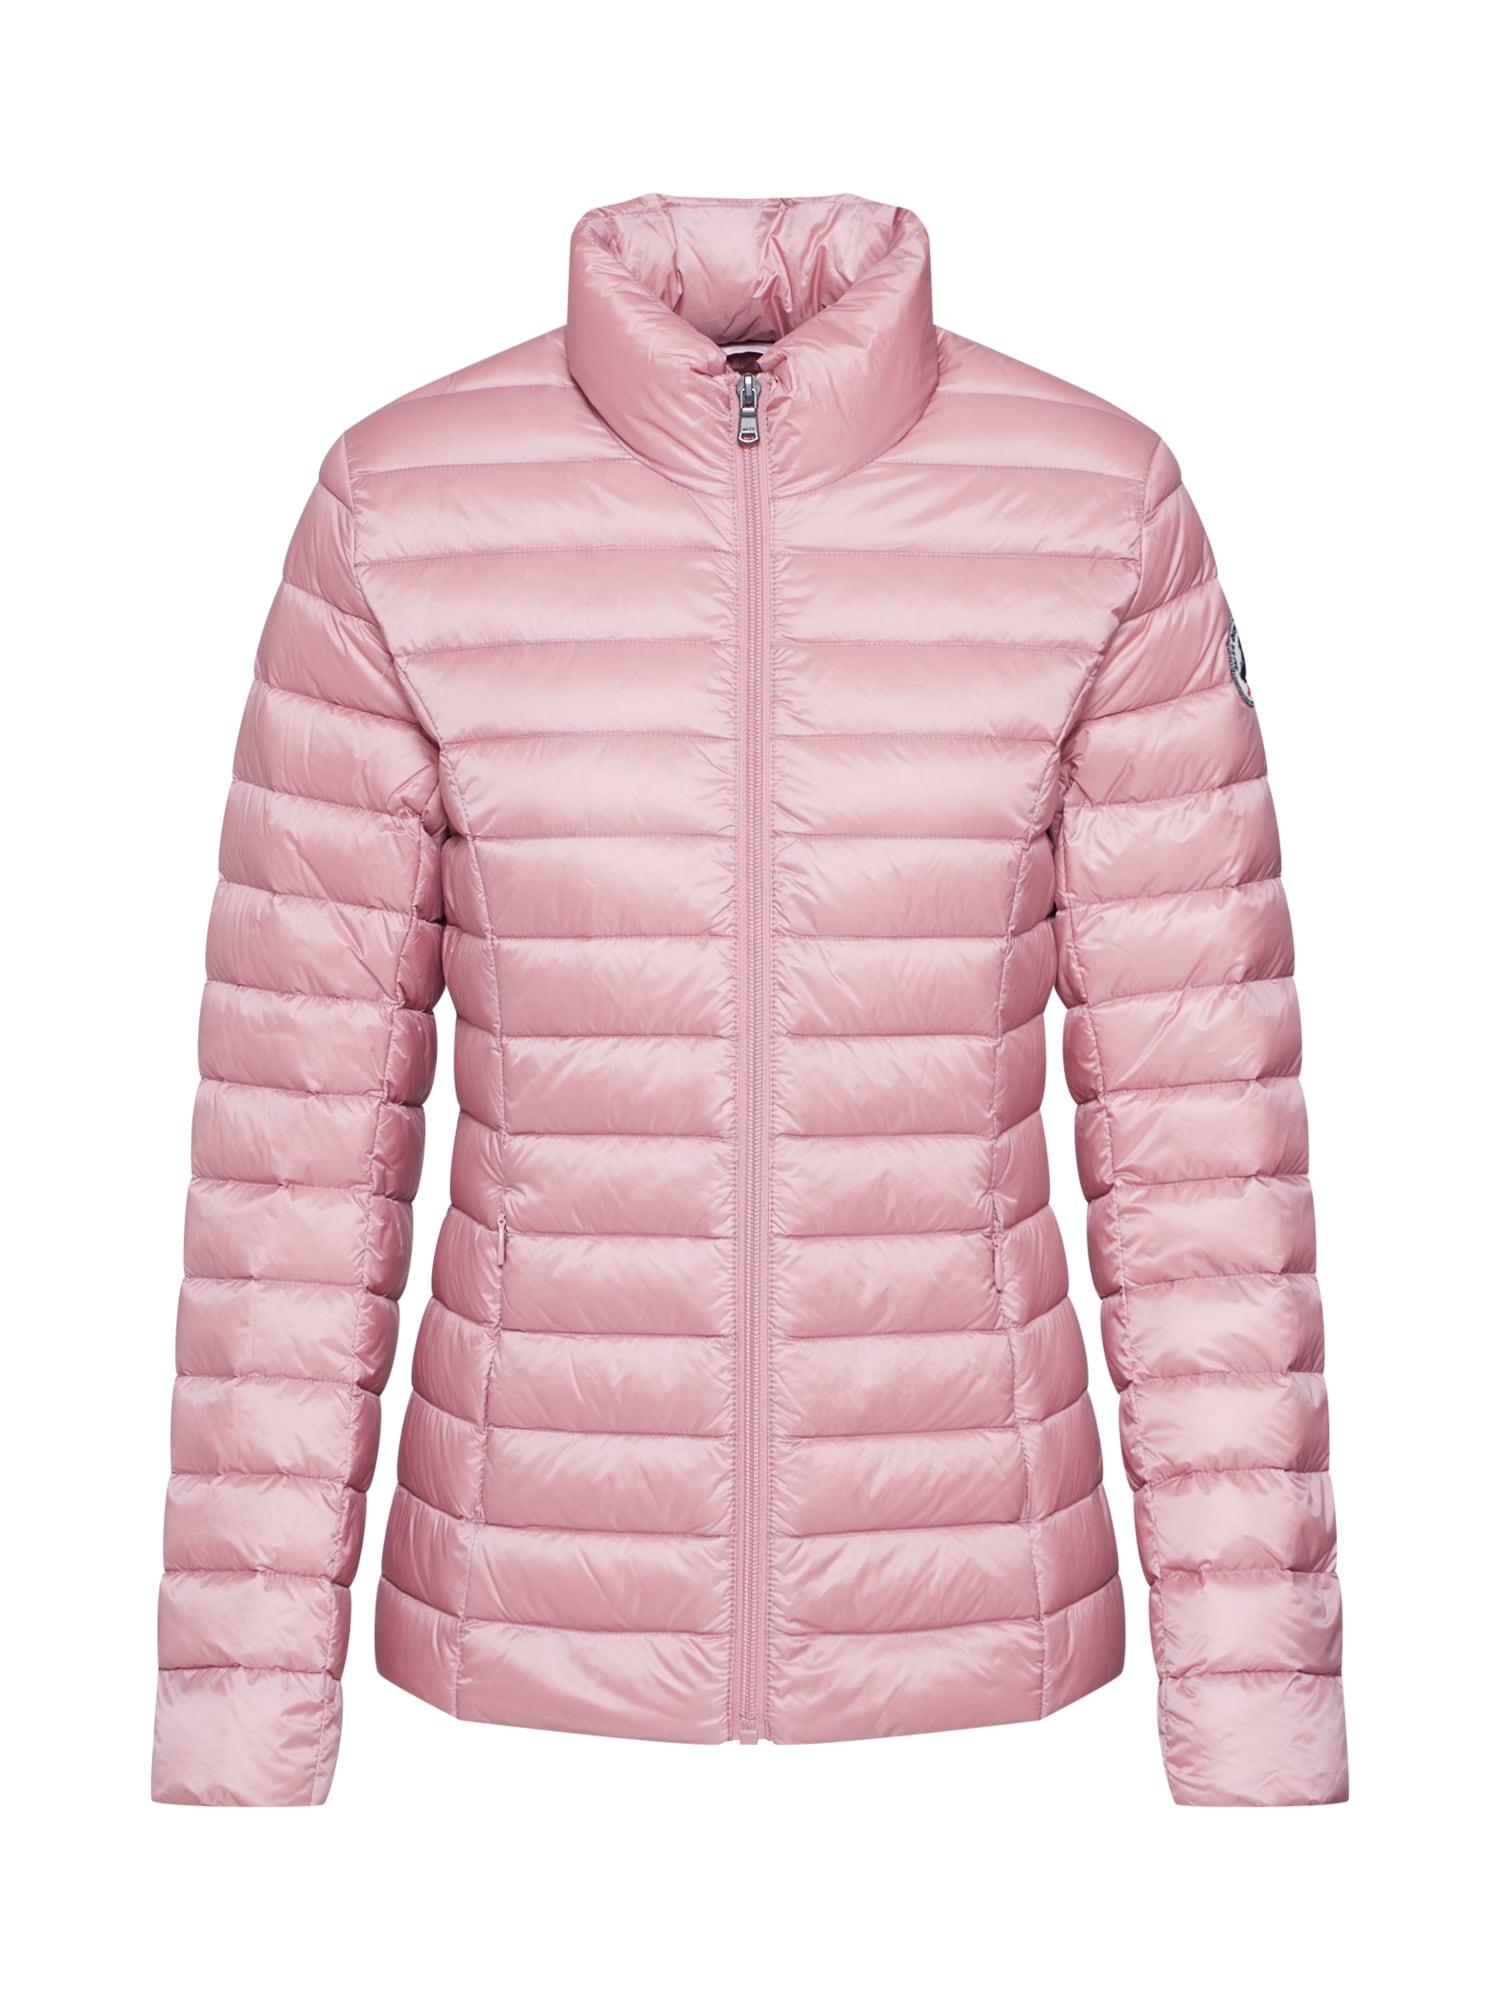 JOTT Demisezoninė striukė 'CHA' rožinė / ryškiai rožinė spalva